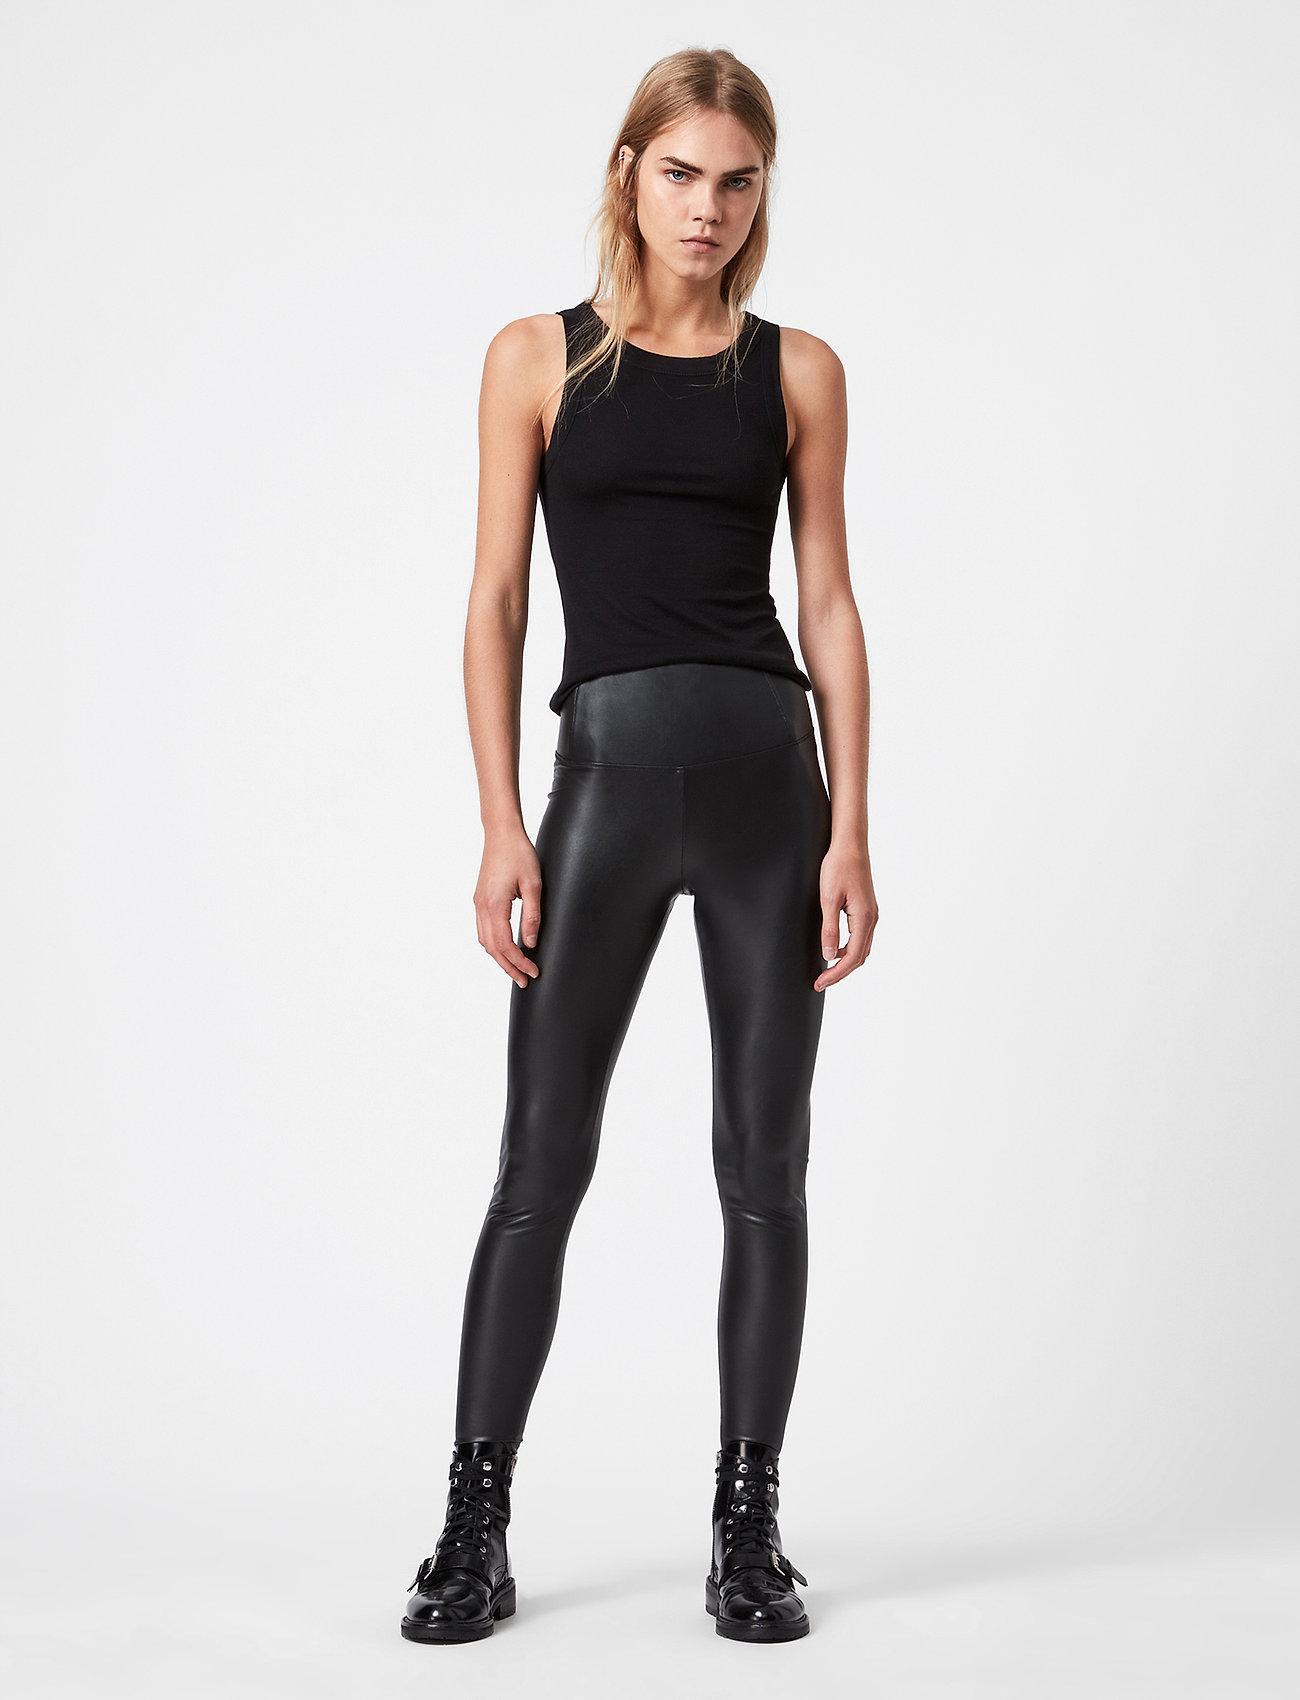 AllSaints - CORA LEGGINGS - læderbukser - black - 0